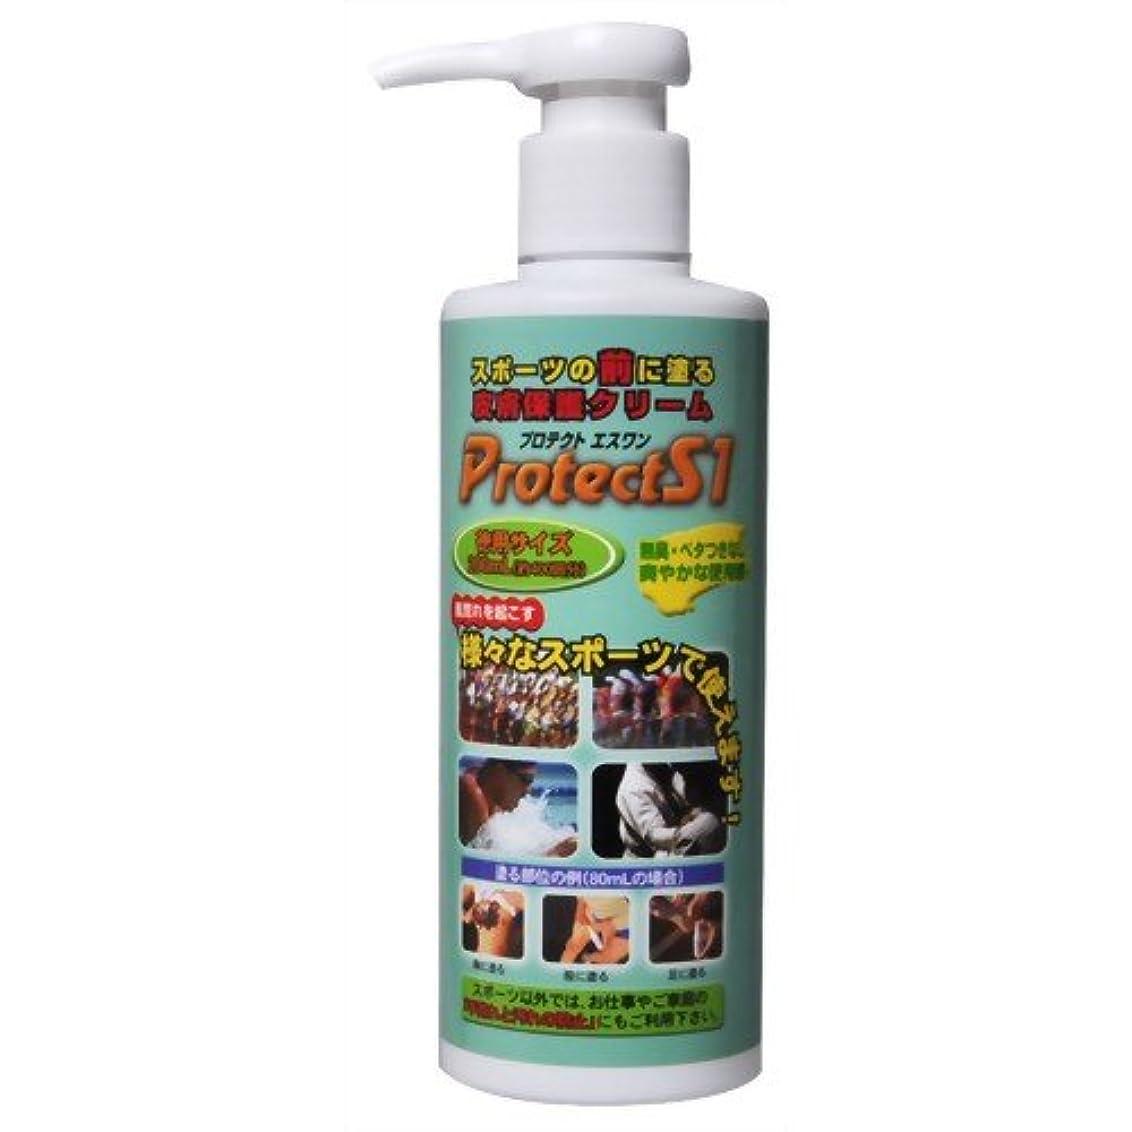 欠員スペイン語聖歌Protect S1 スポーツ摩擦皮膚保護クリーム 200ml